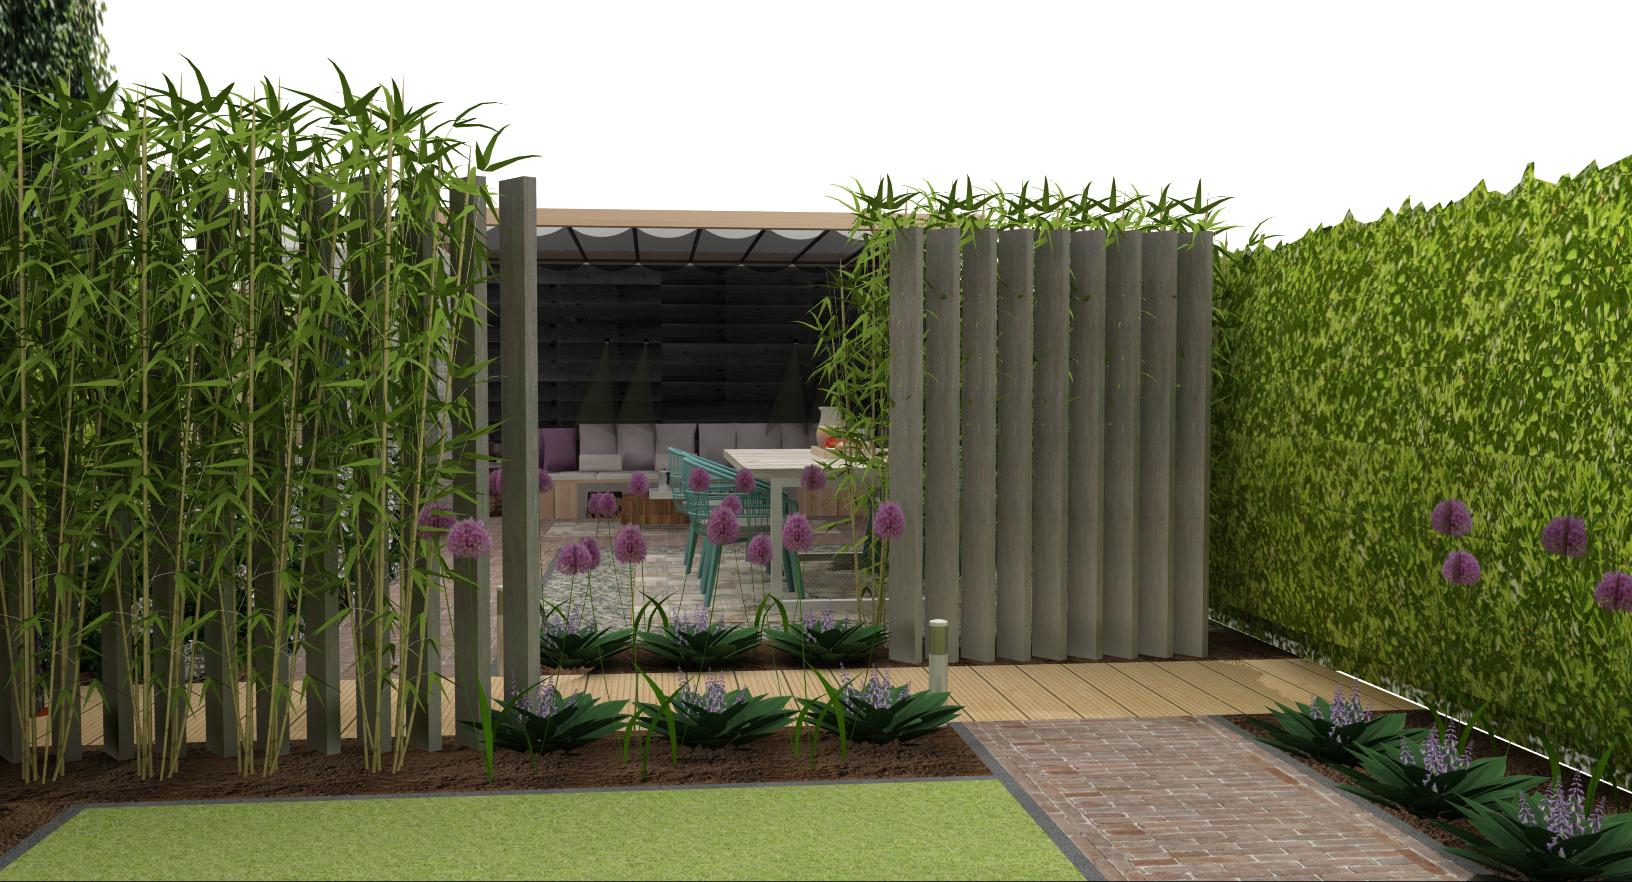 Ontwerp Kleine Tuin : Tuinontwerp kleine voortuin strak design inspiratie